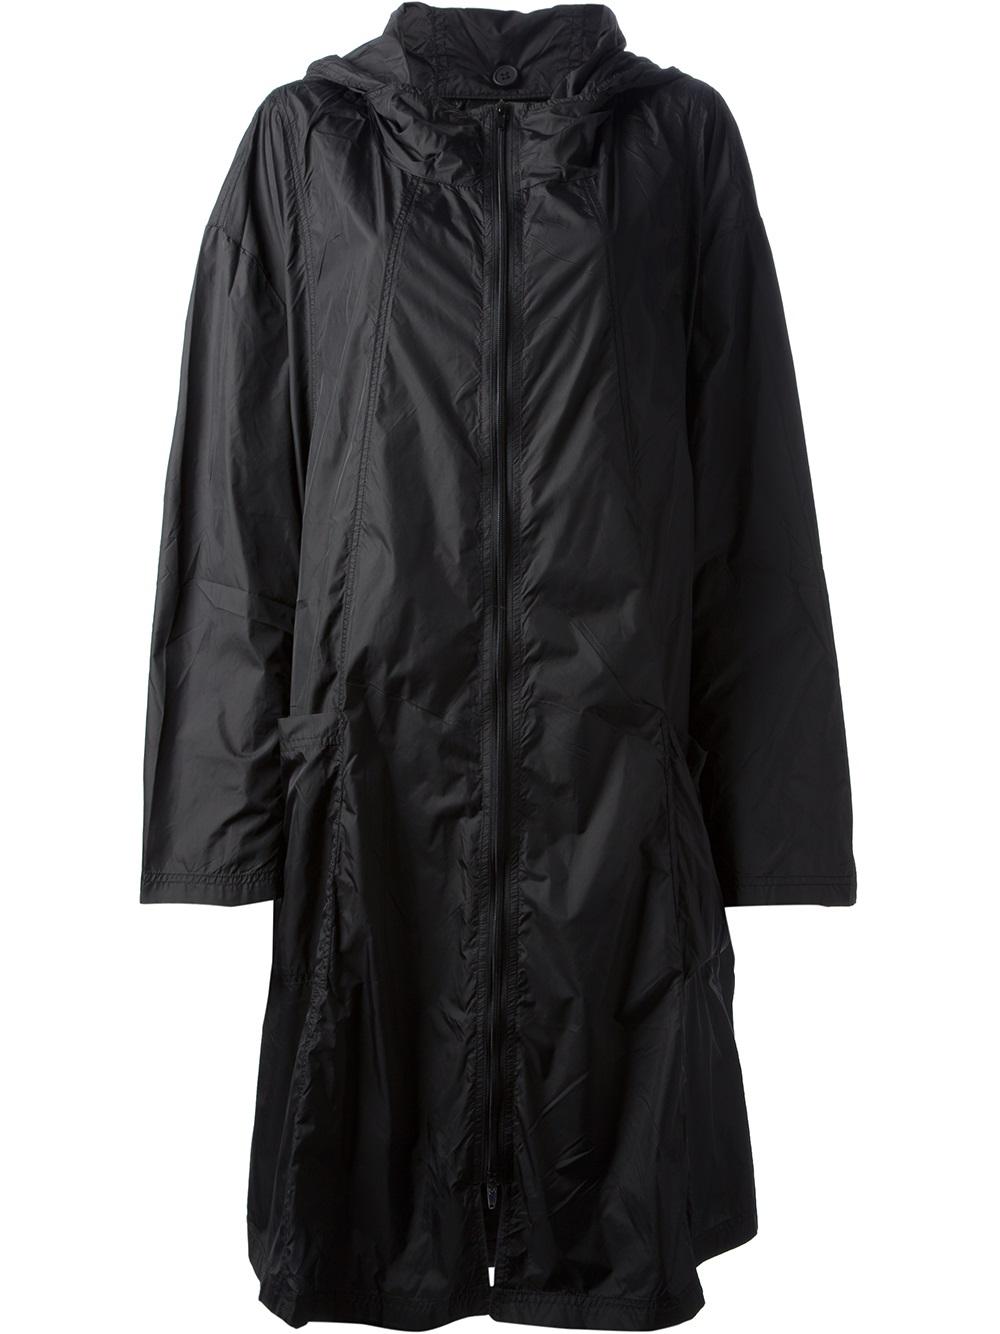 Rundholz Hooded Raincoat In Black Lyst